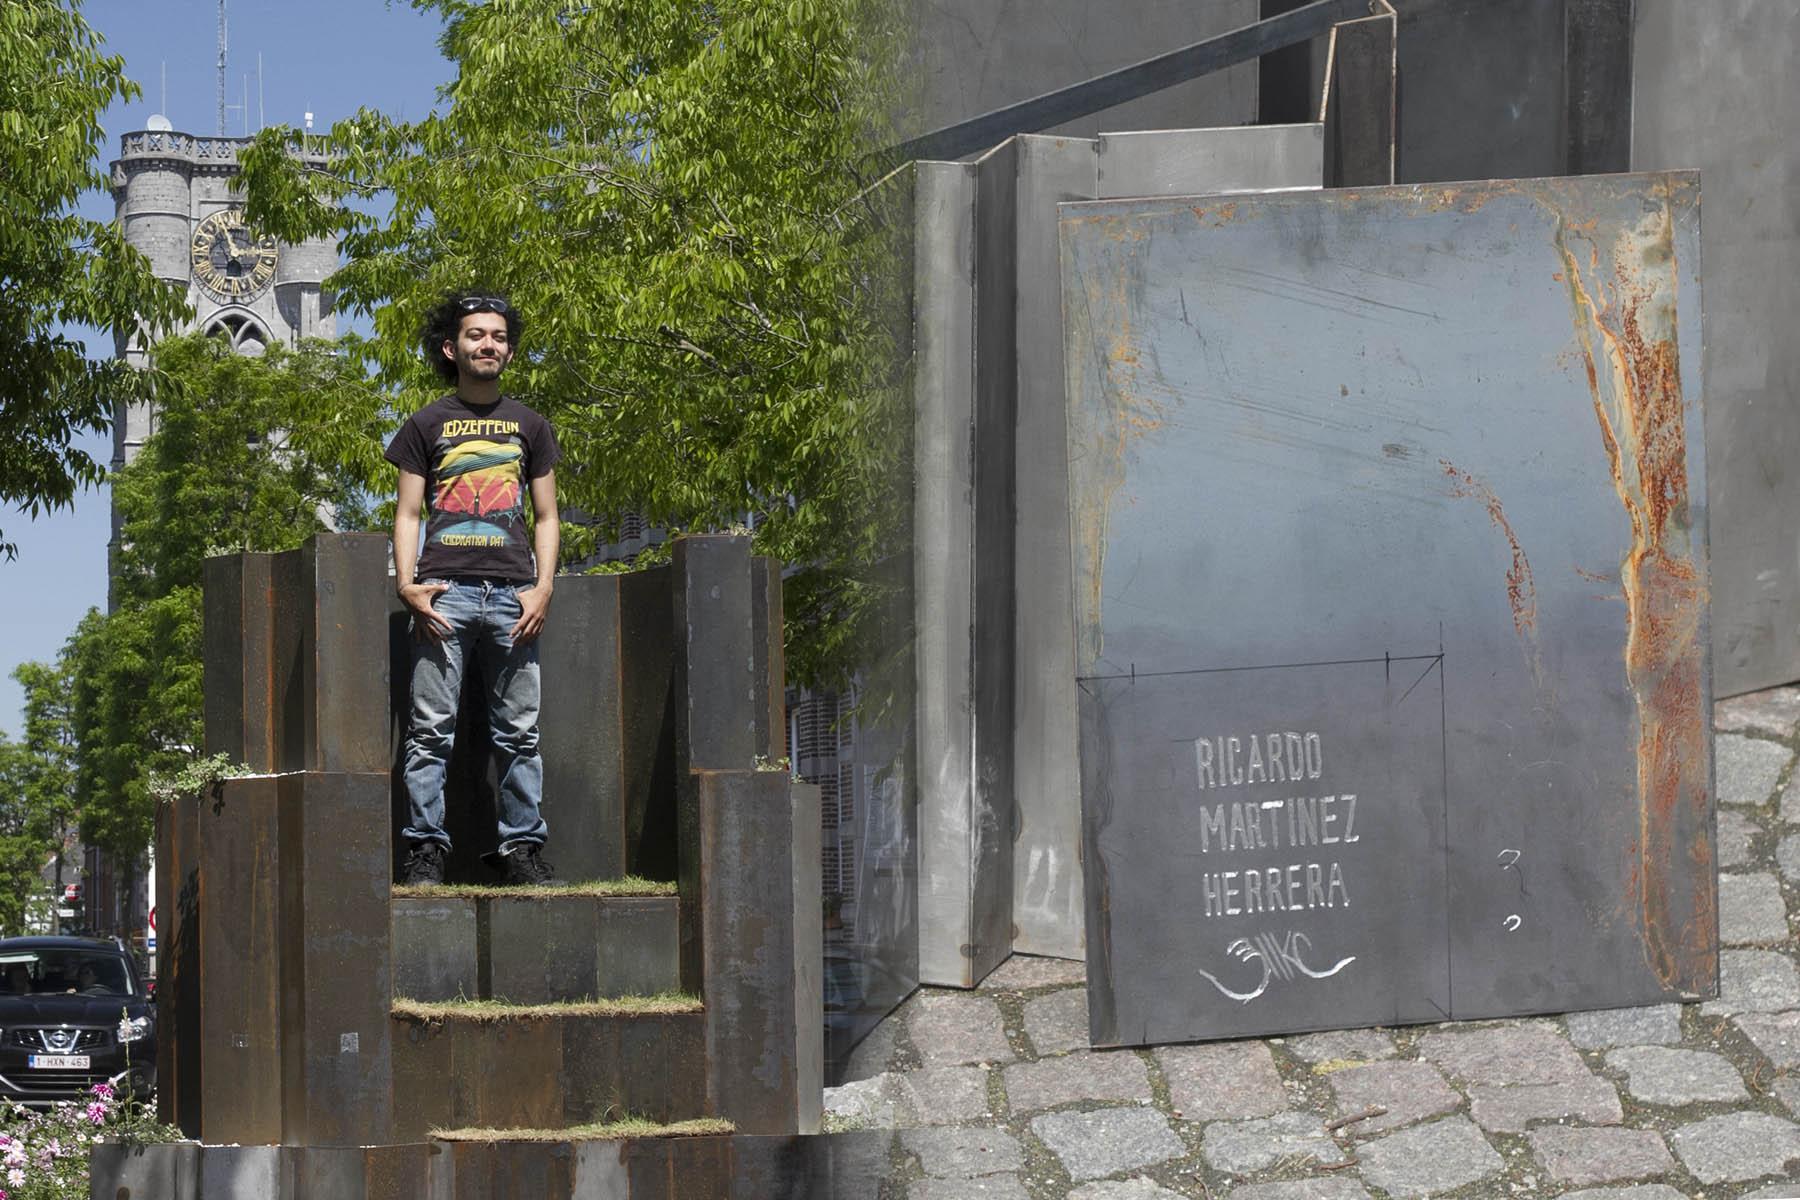 Sculpture en acier creé par Ricardo Martinez Herrera - Riikc